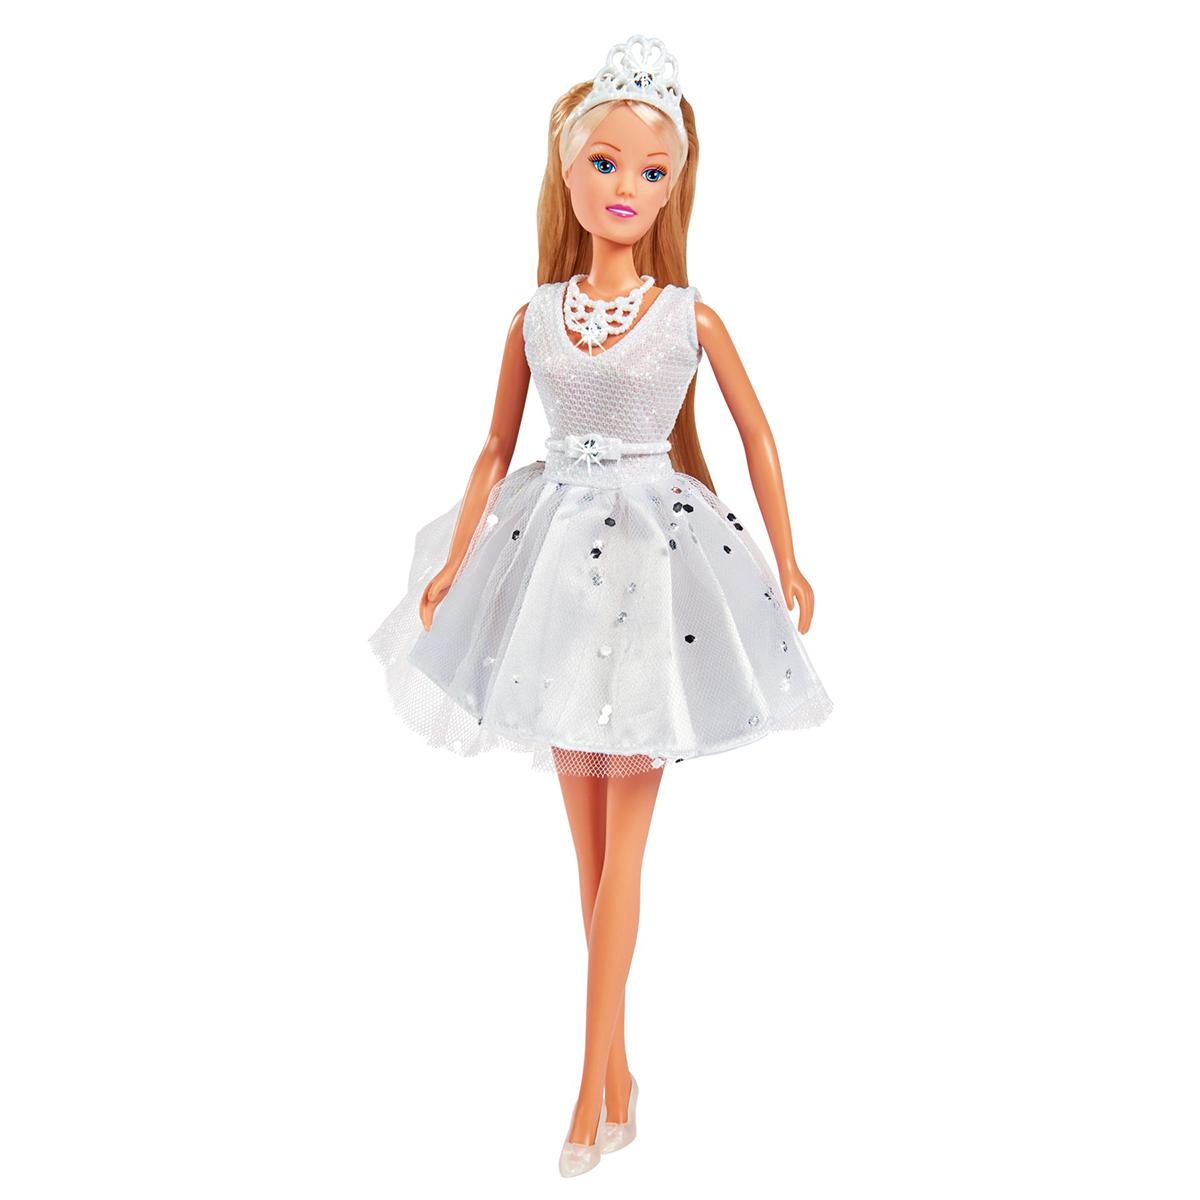 Papusa cu rochie evazata decorata cu cristale Steffi Love